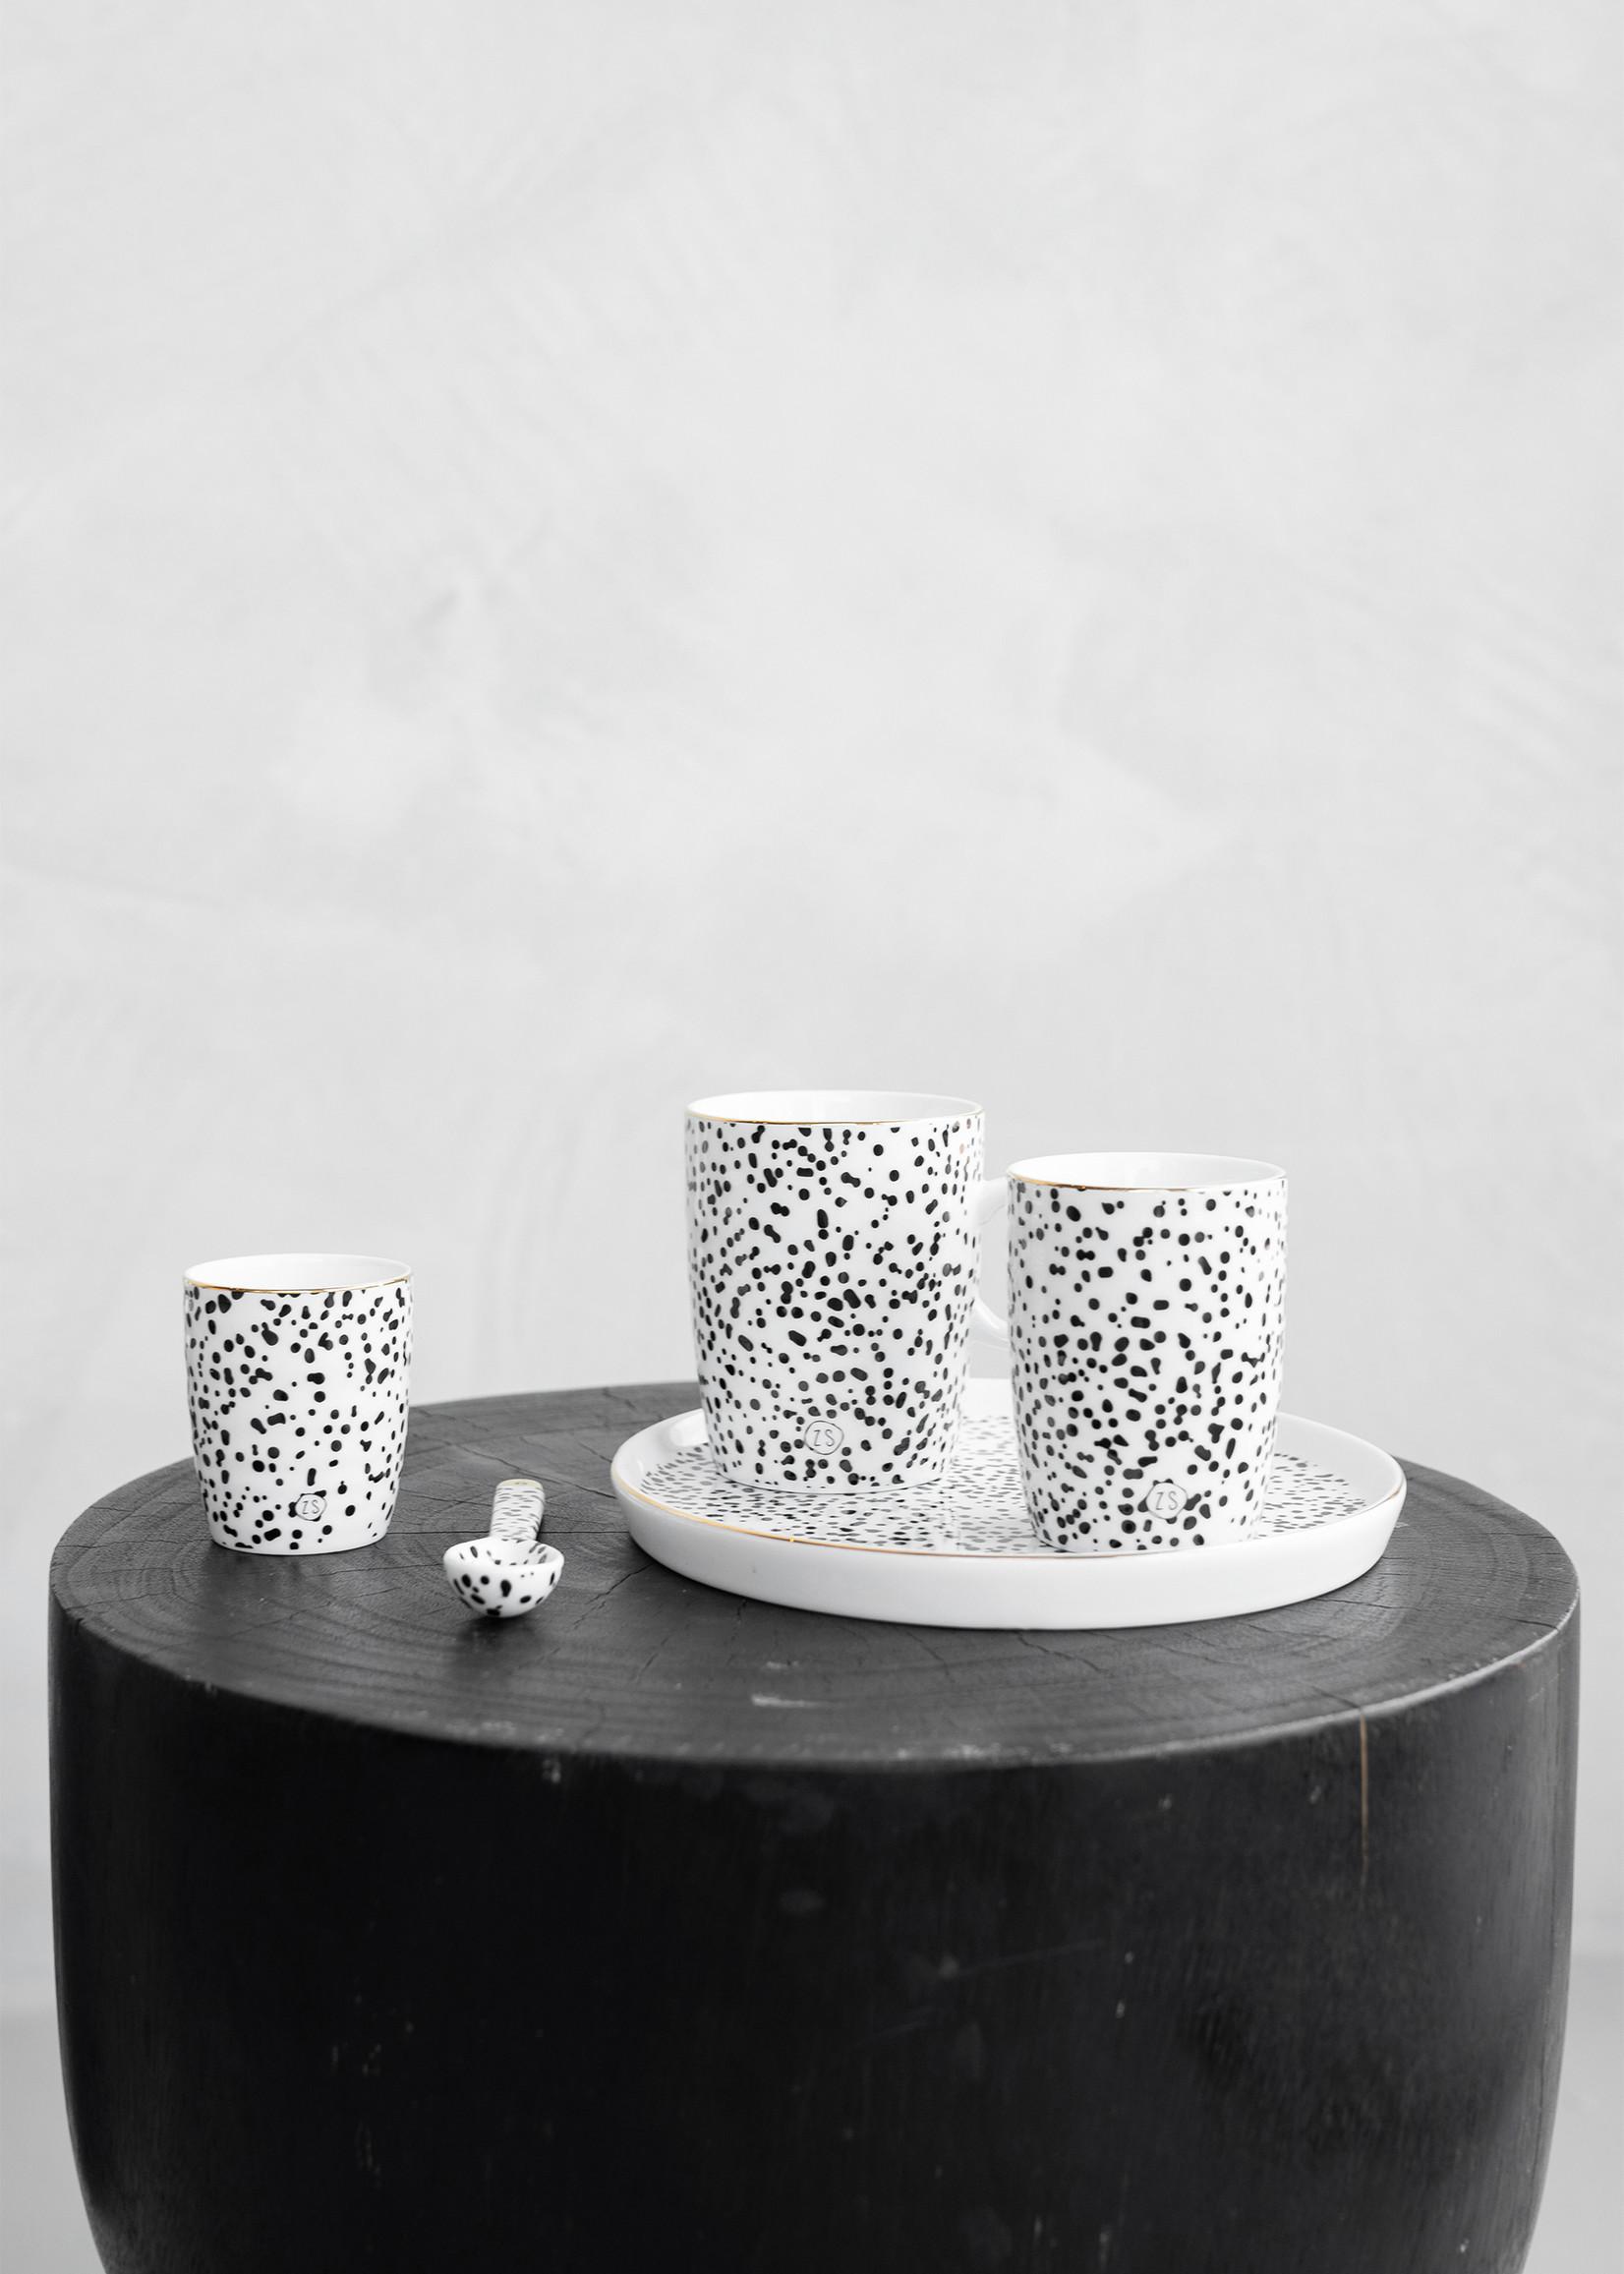 ZUSSS ontbijtbord spikkels/goud